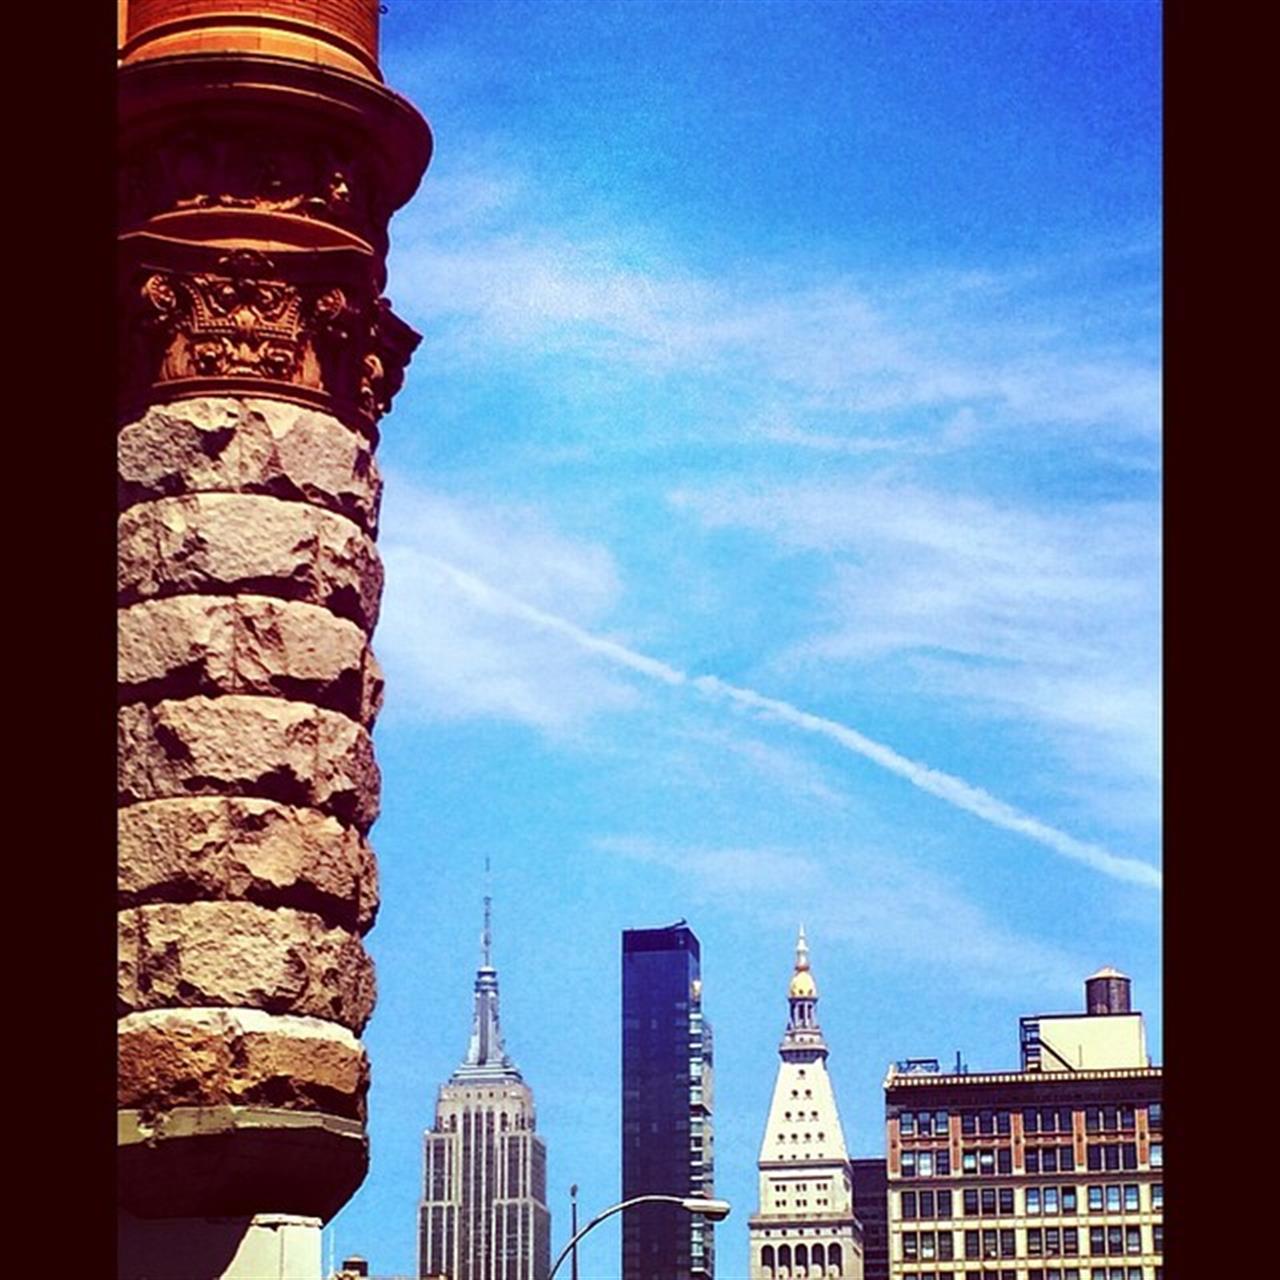 New York from a Broadway angle. #LeadingRElocal #ExploreYourHood #NYC #newyork #newyorkcity #ilovenewyork #halstead #homesweethome #wigderfrota #photobywigderfrota